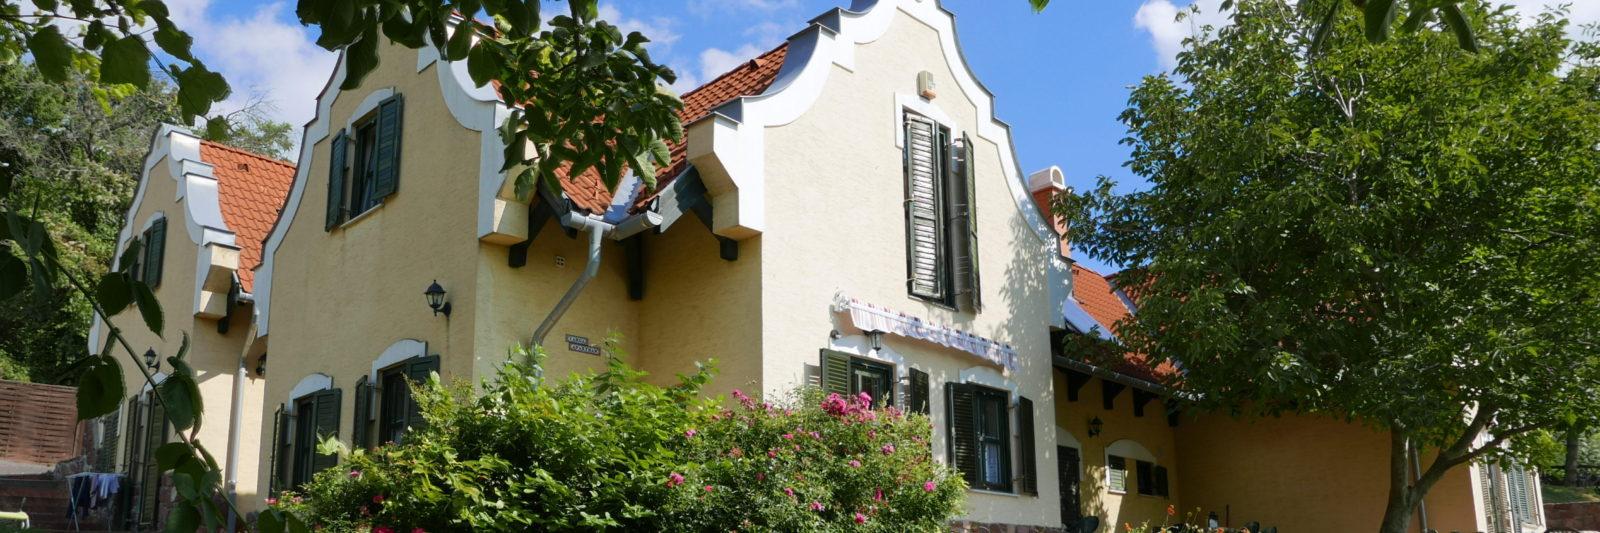 Mediterrán hangulatú balatoni apartmanok várják a kikapcsolódni vágyókat